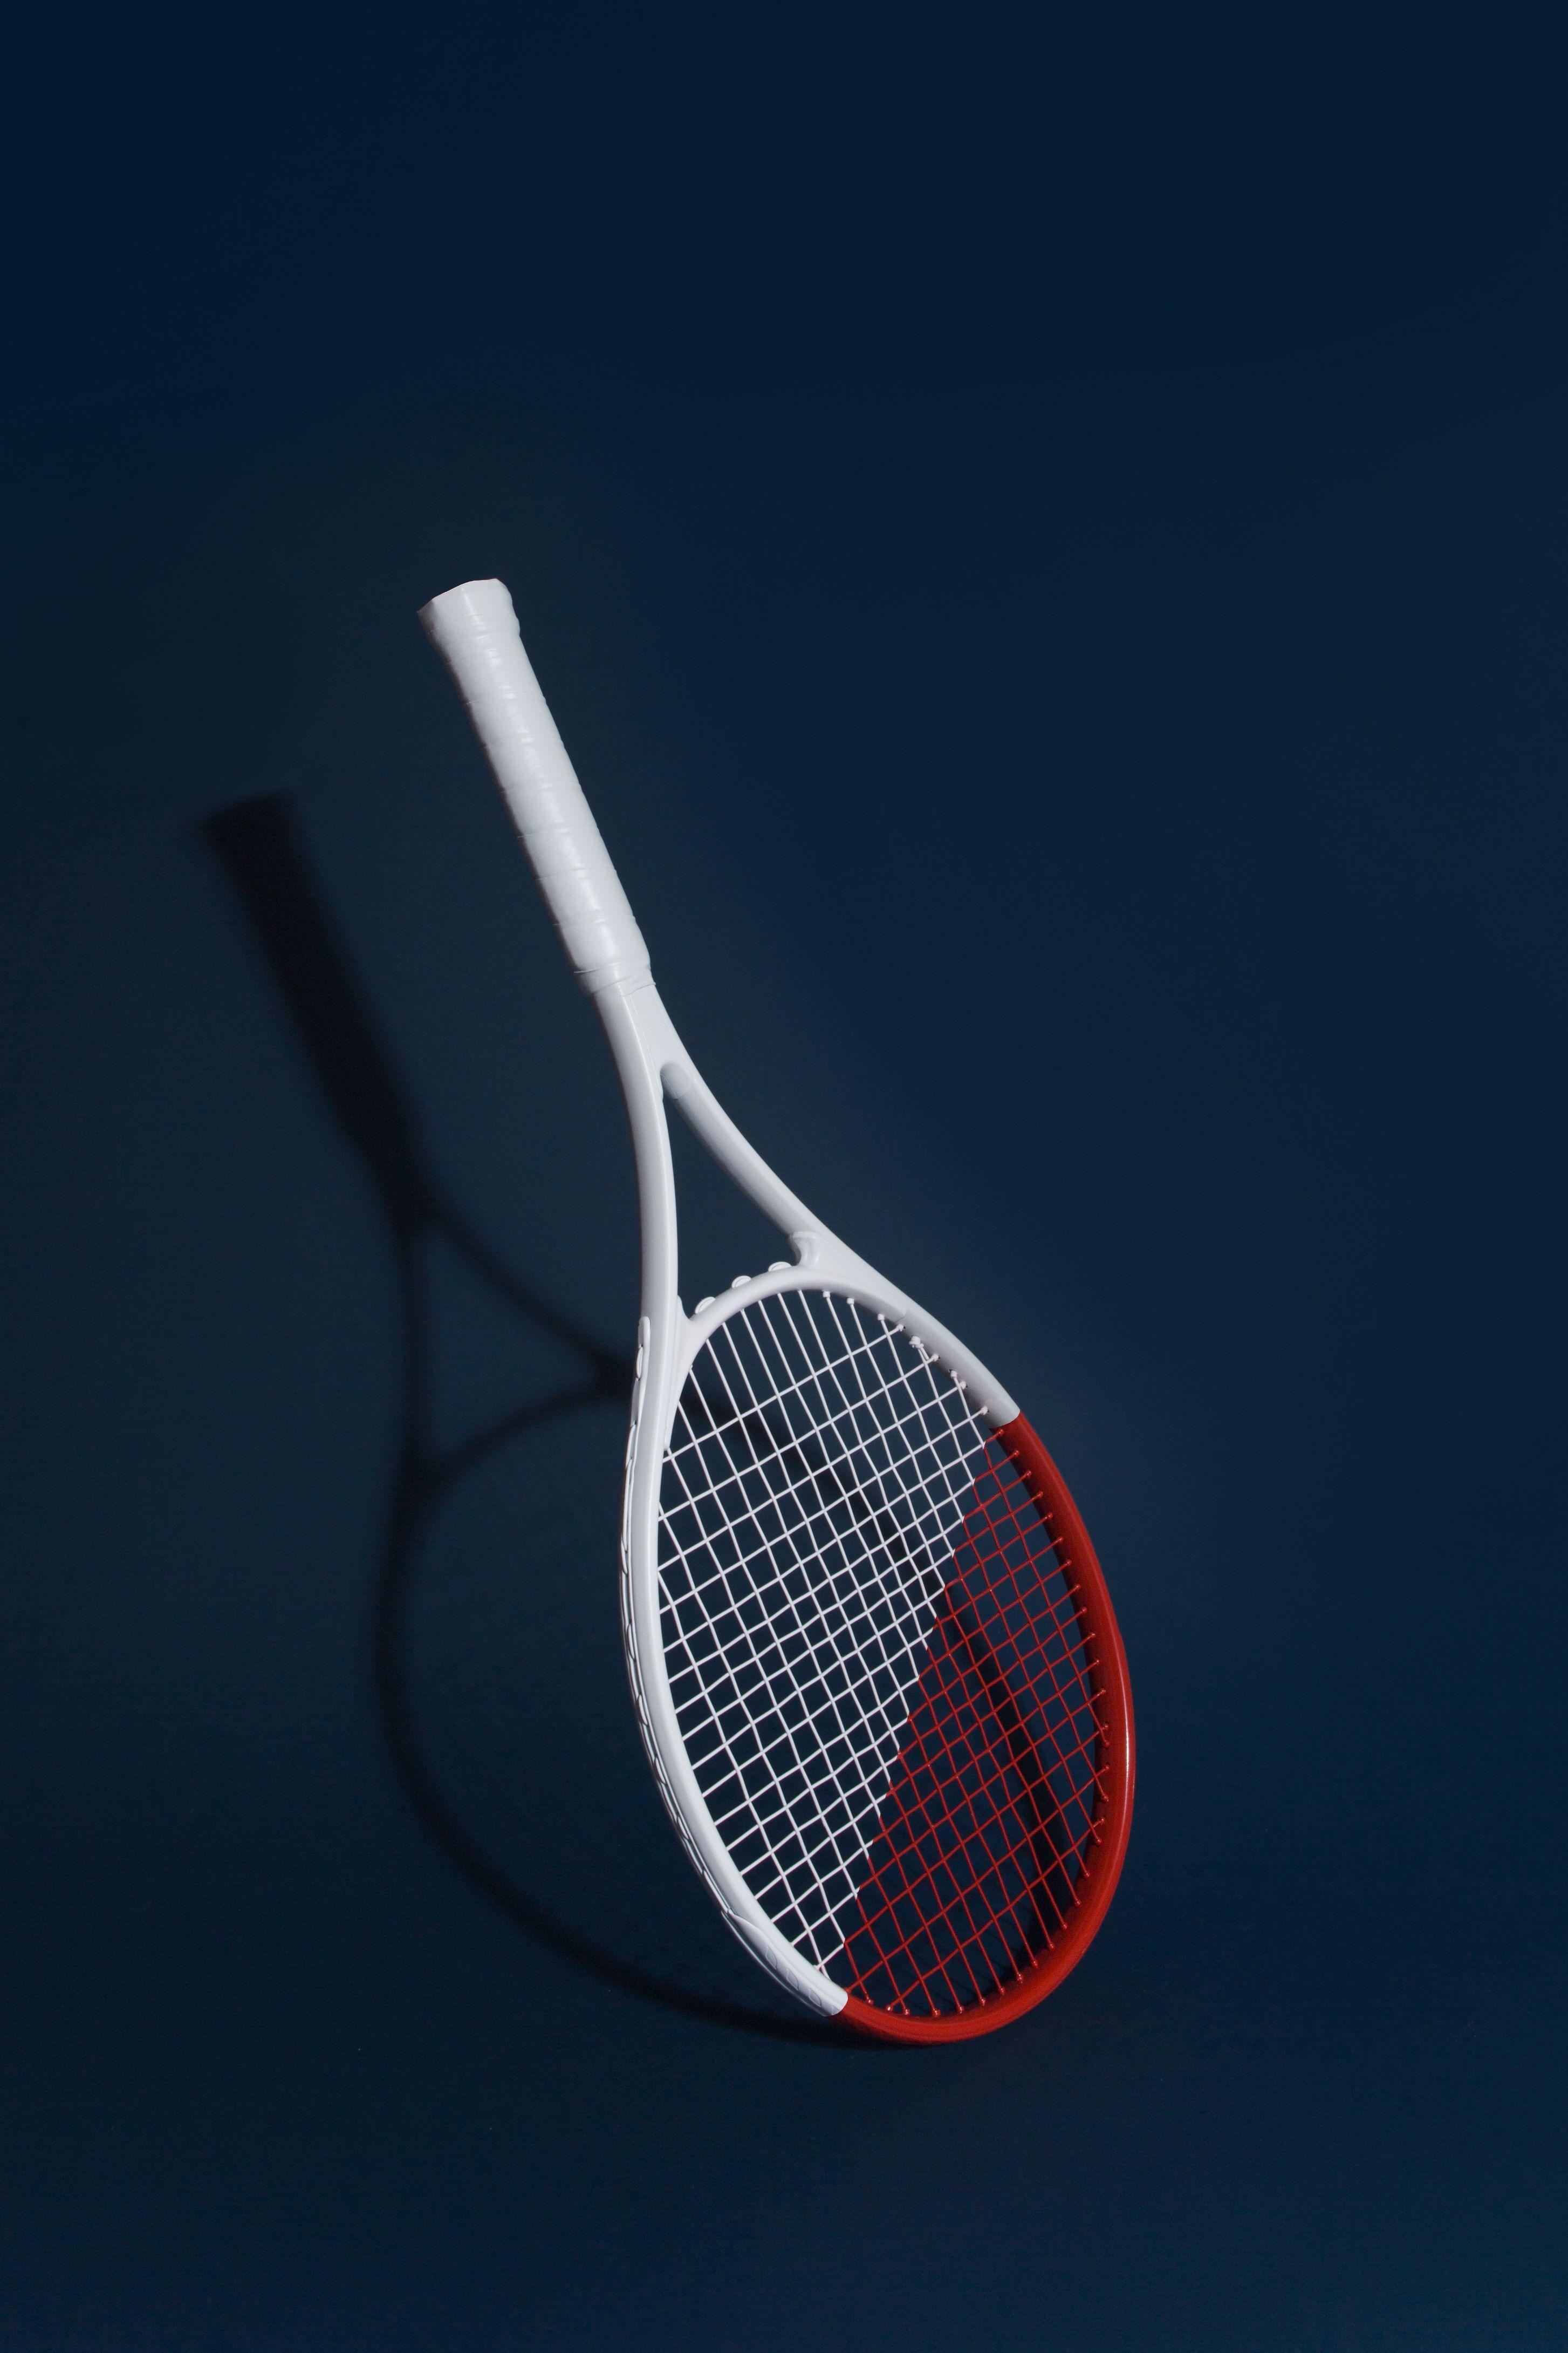 Tennis Court Lignes De Court Minimalist Inspiration Free Iphone Wallpaper Colorful Art